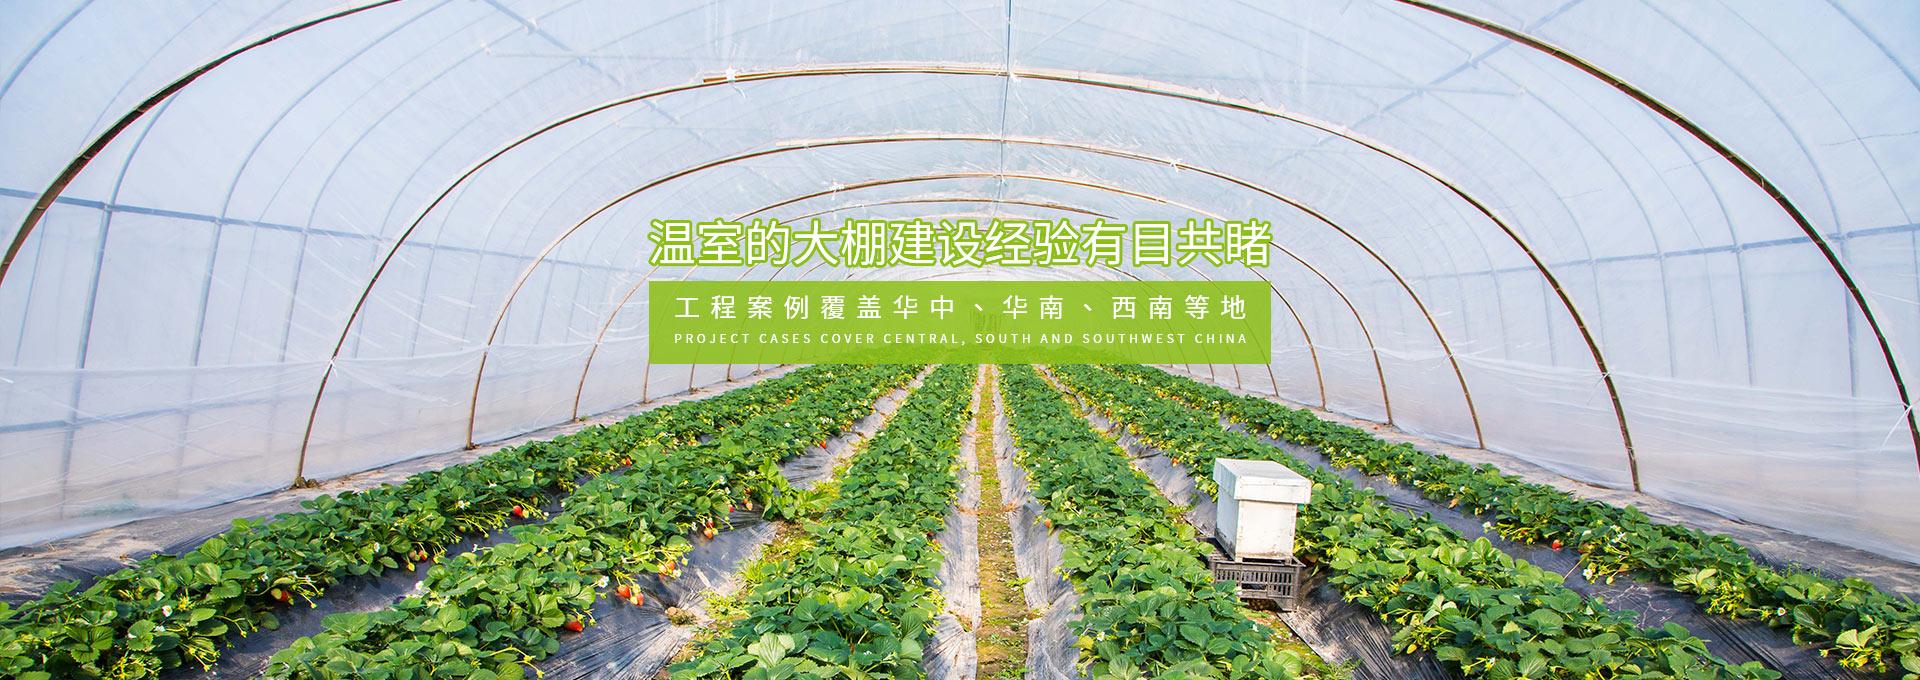 四川蔬菜温室大棚